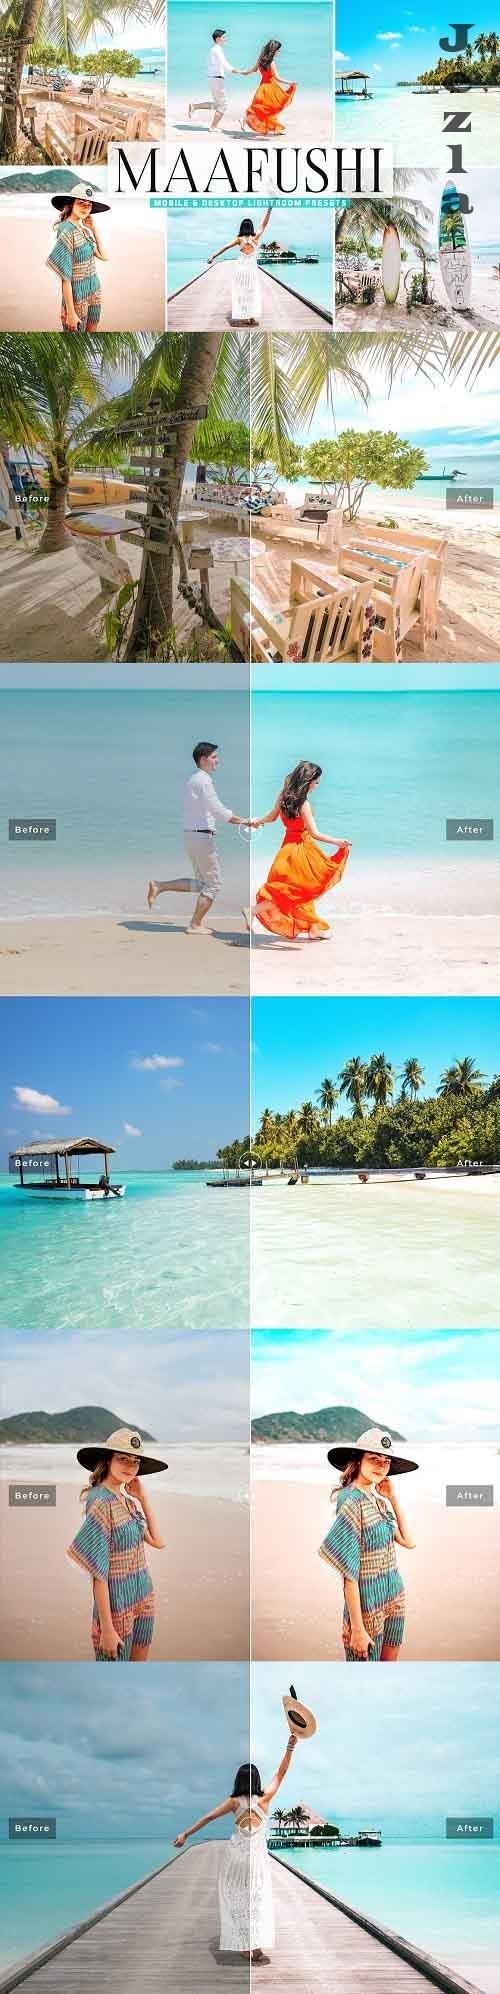 Maafushi Pro Lightroom Presets - 5448226 - Mobile & Desktop